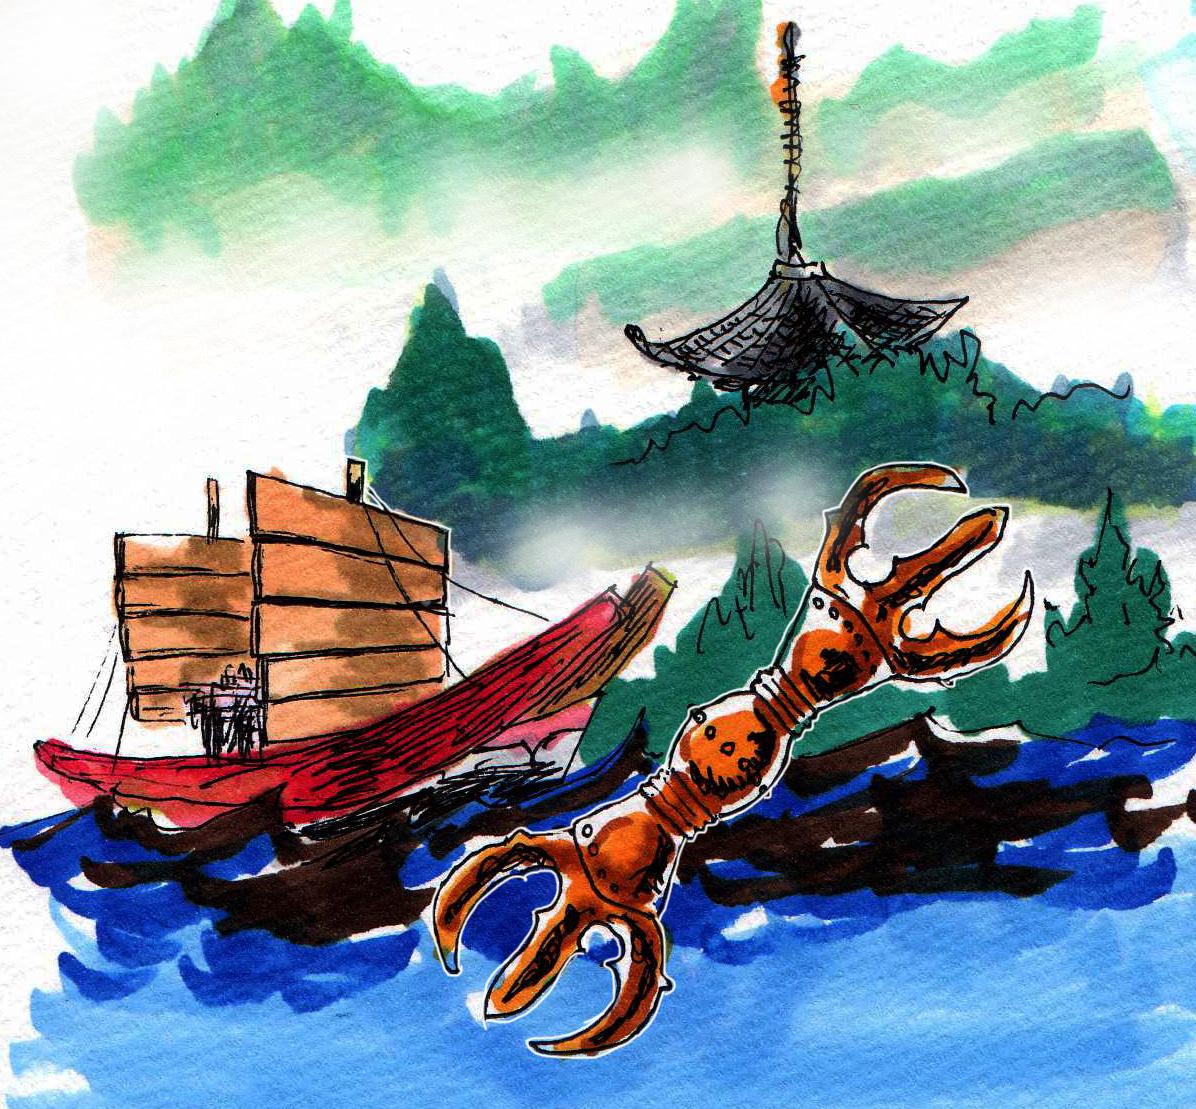 三鈷と遣唐使船と金剛峯寺のイメージをコピックで描いたイラスト